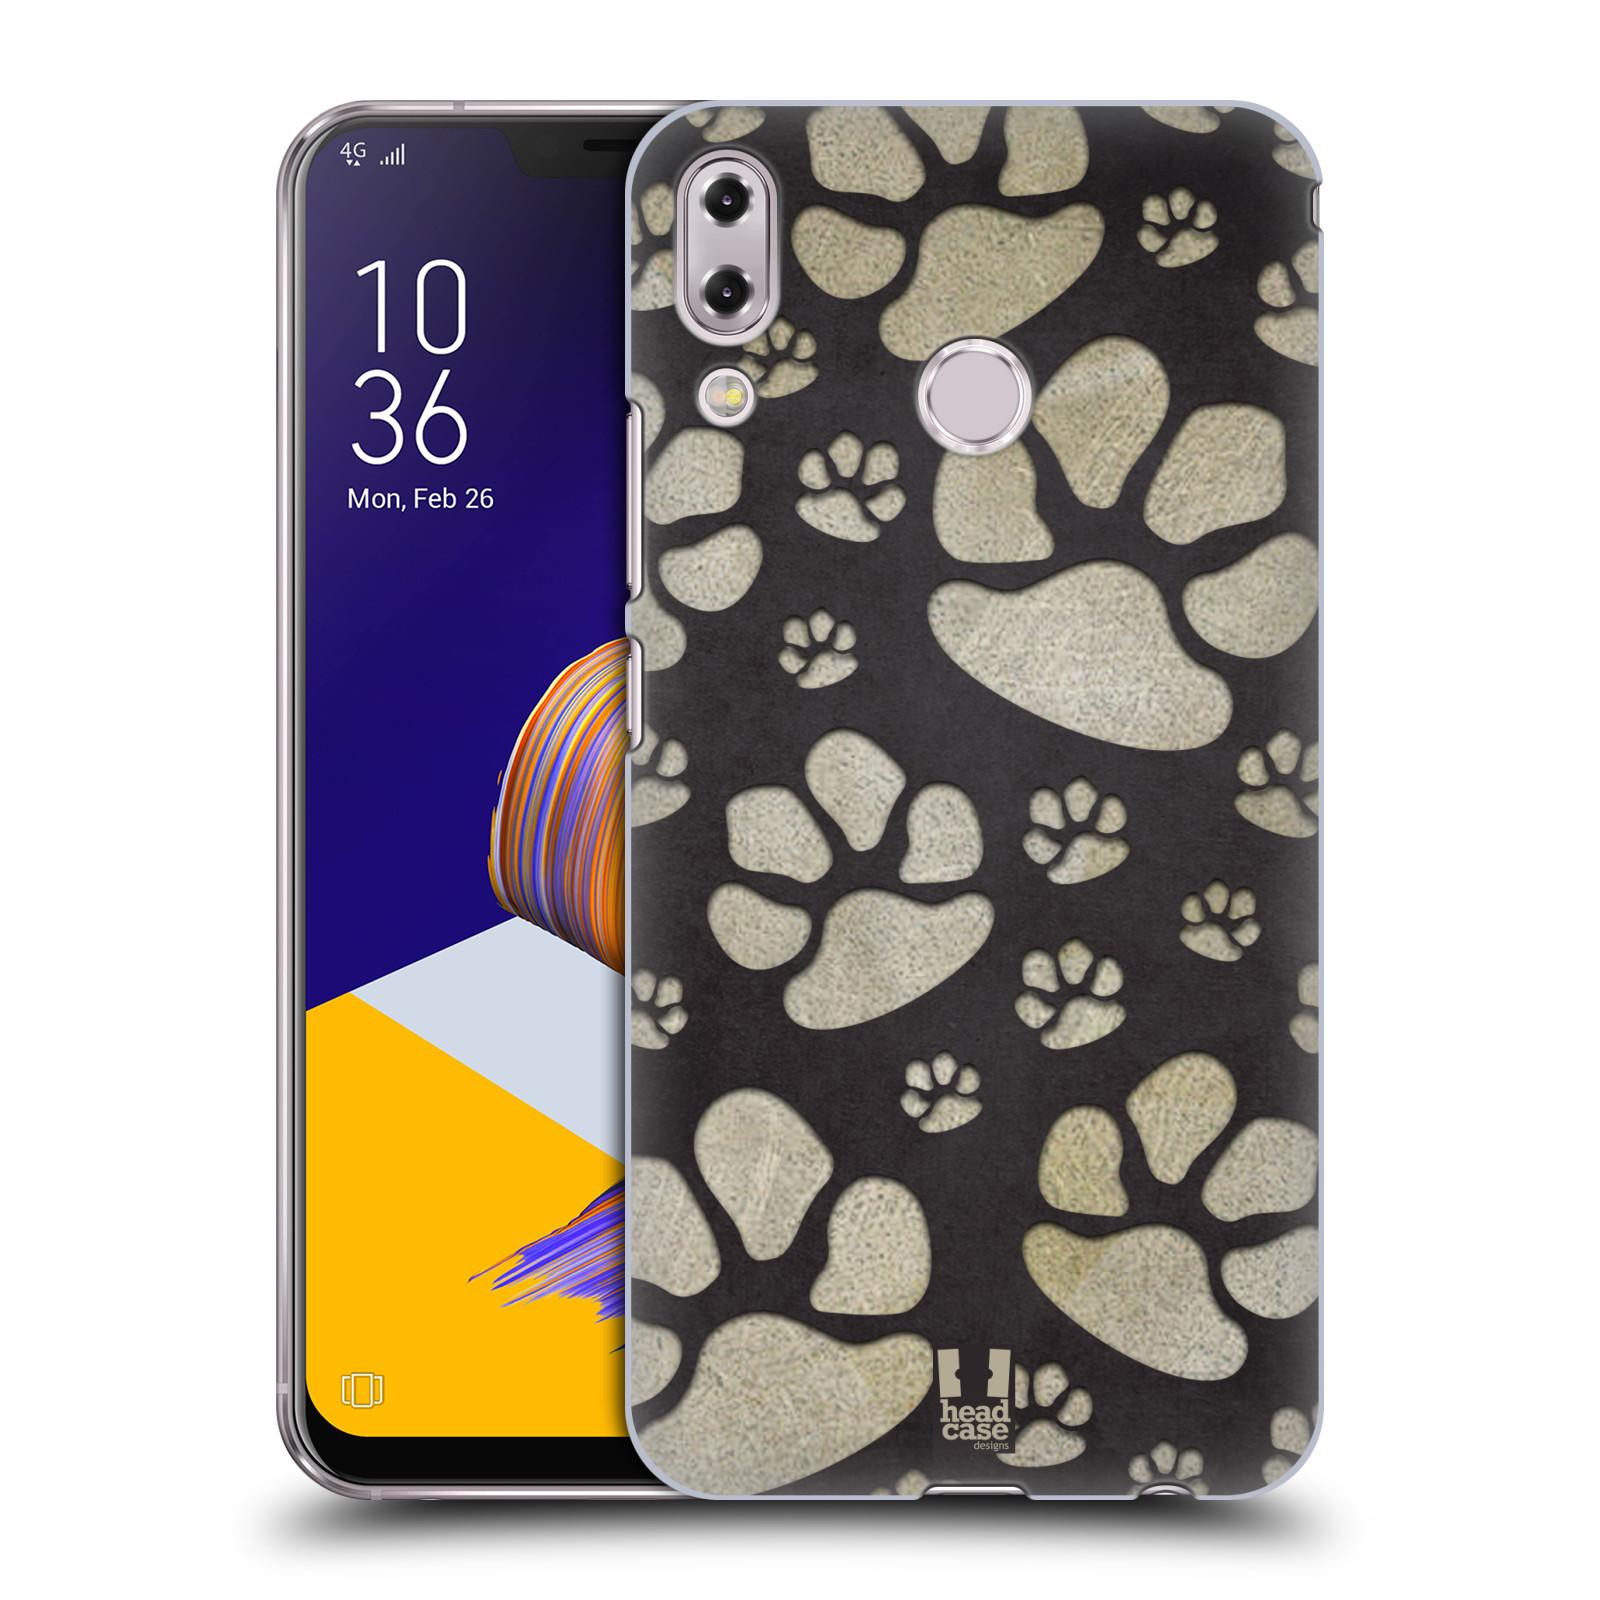 Plastové pouzdro na mobil Asus Zenfone 5z ZS620KL - Head Case - TLAPKY ŠEDÉ (Plastový kryt či obal na mobilní telefon Asus Zenfone 5z (ZS620KL) s motivem TLAPKY ŠEDÉ)